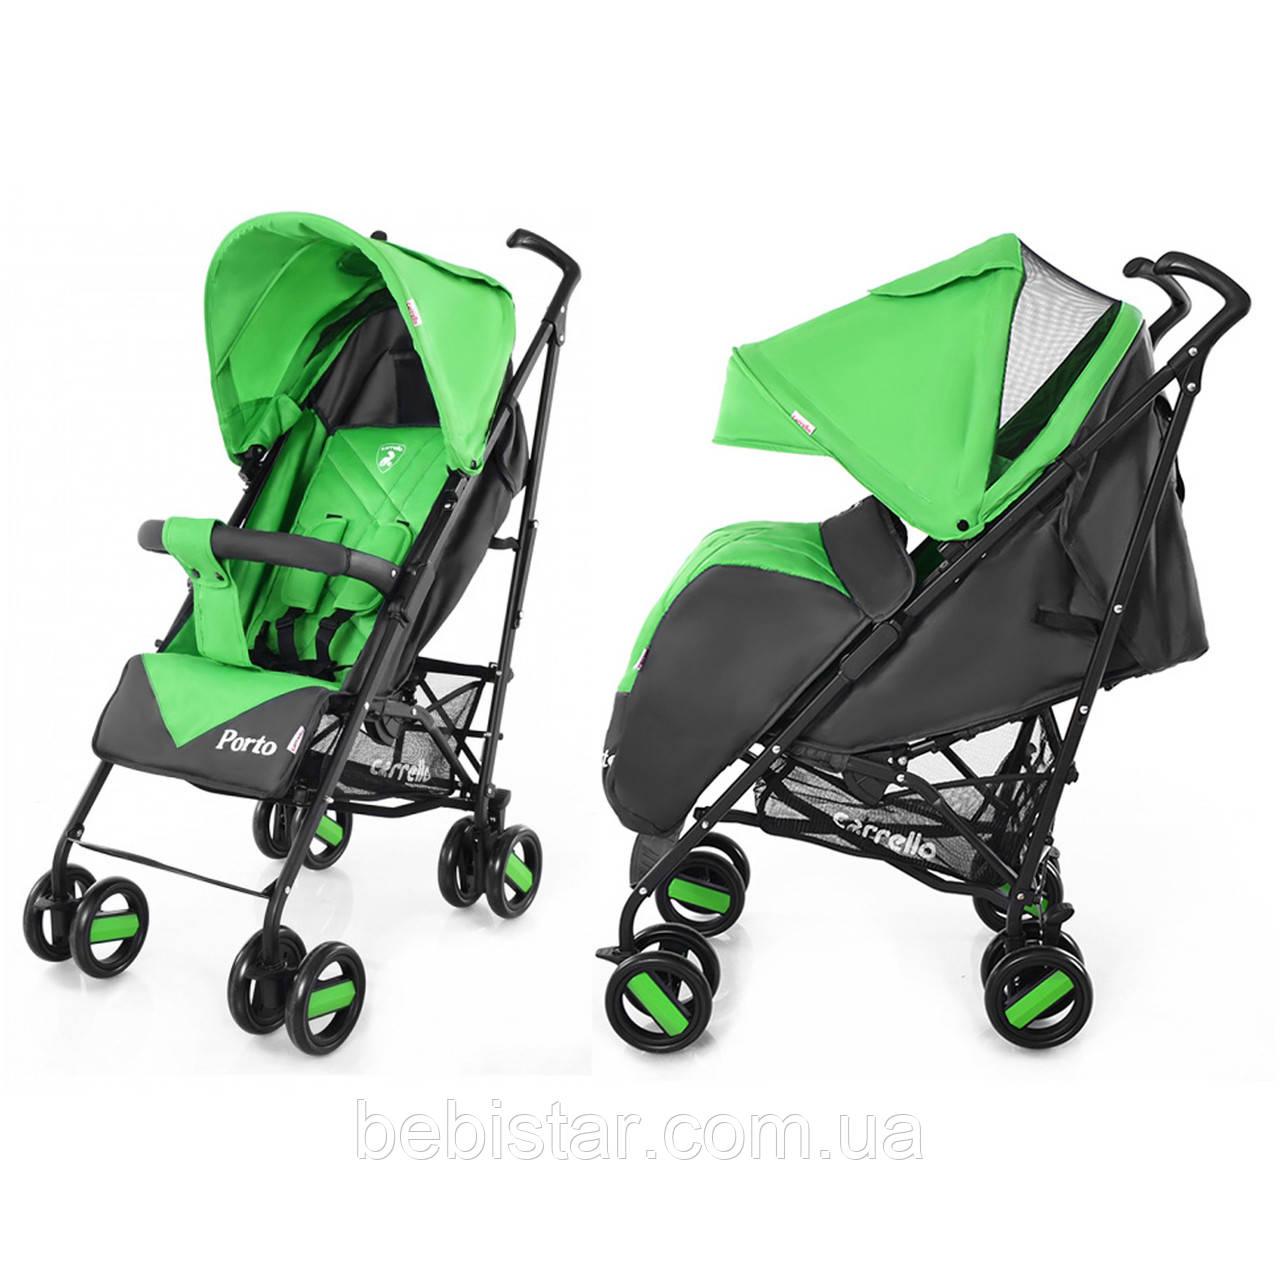 Детская прогулочная коляска CARRELLO Porto CRL-1411 Green